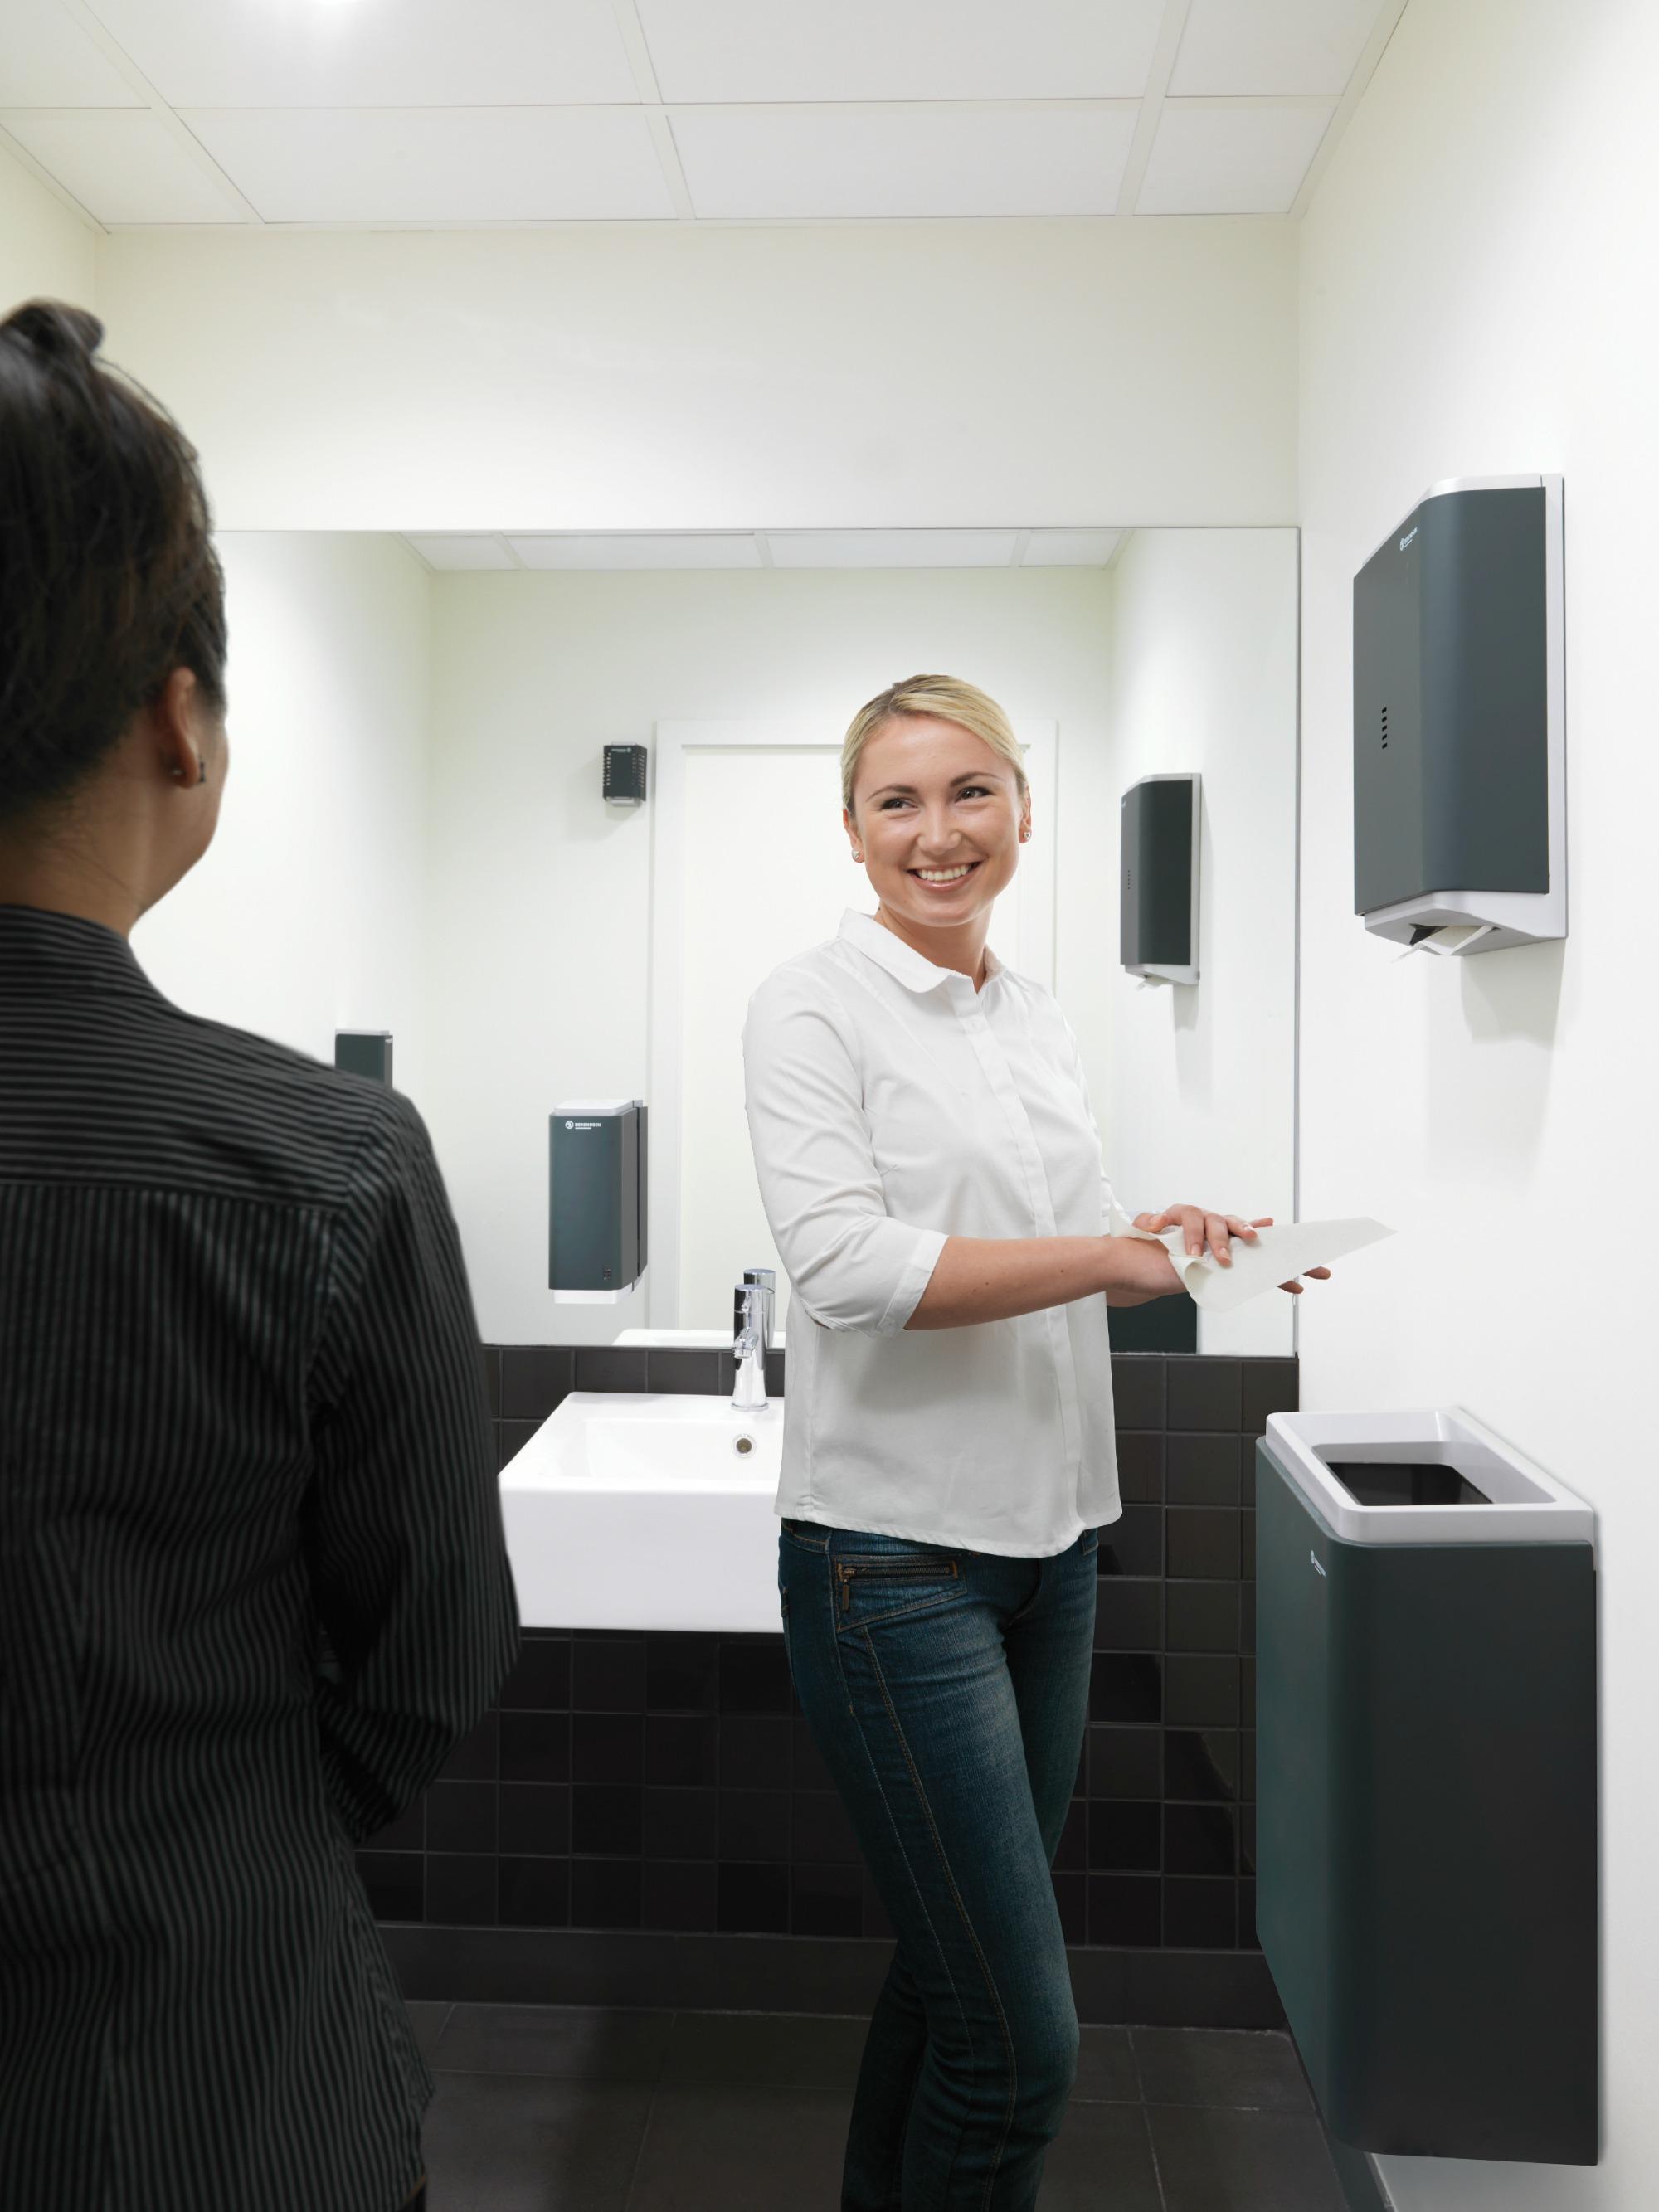 Papieren doekjes zijn de meest hygiënische manier om je handen te drogen